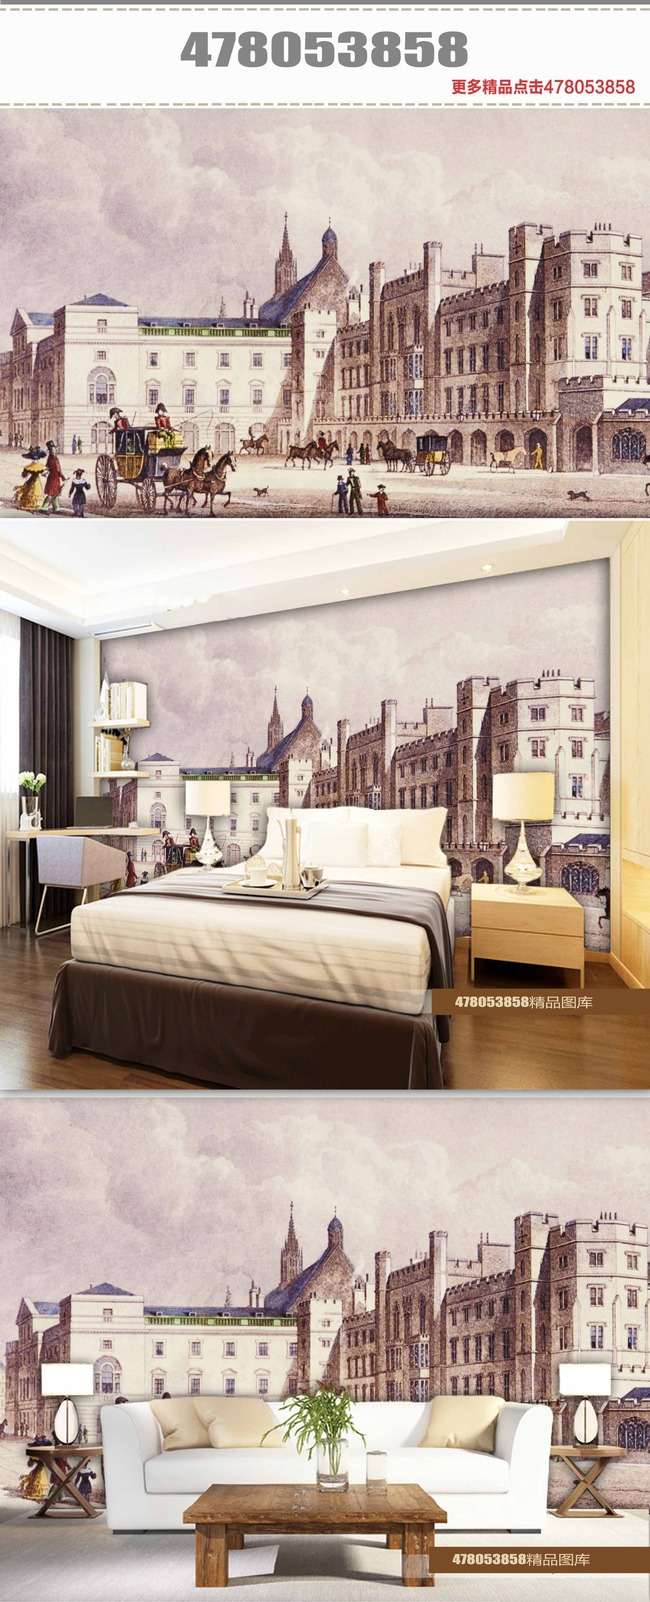 水彩外国建筑风景背景墙高清图片下载(图片编号)欧式